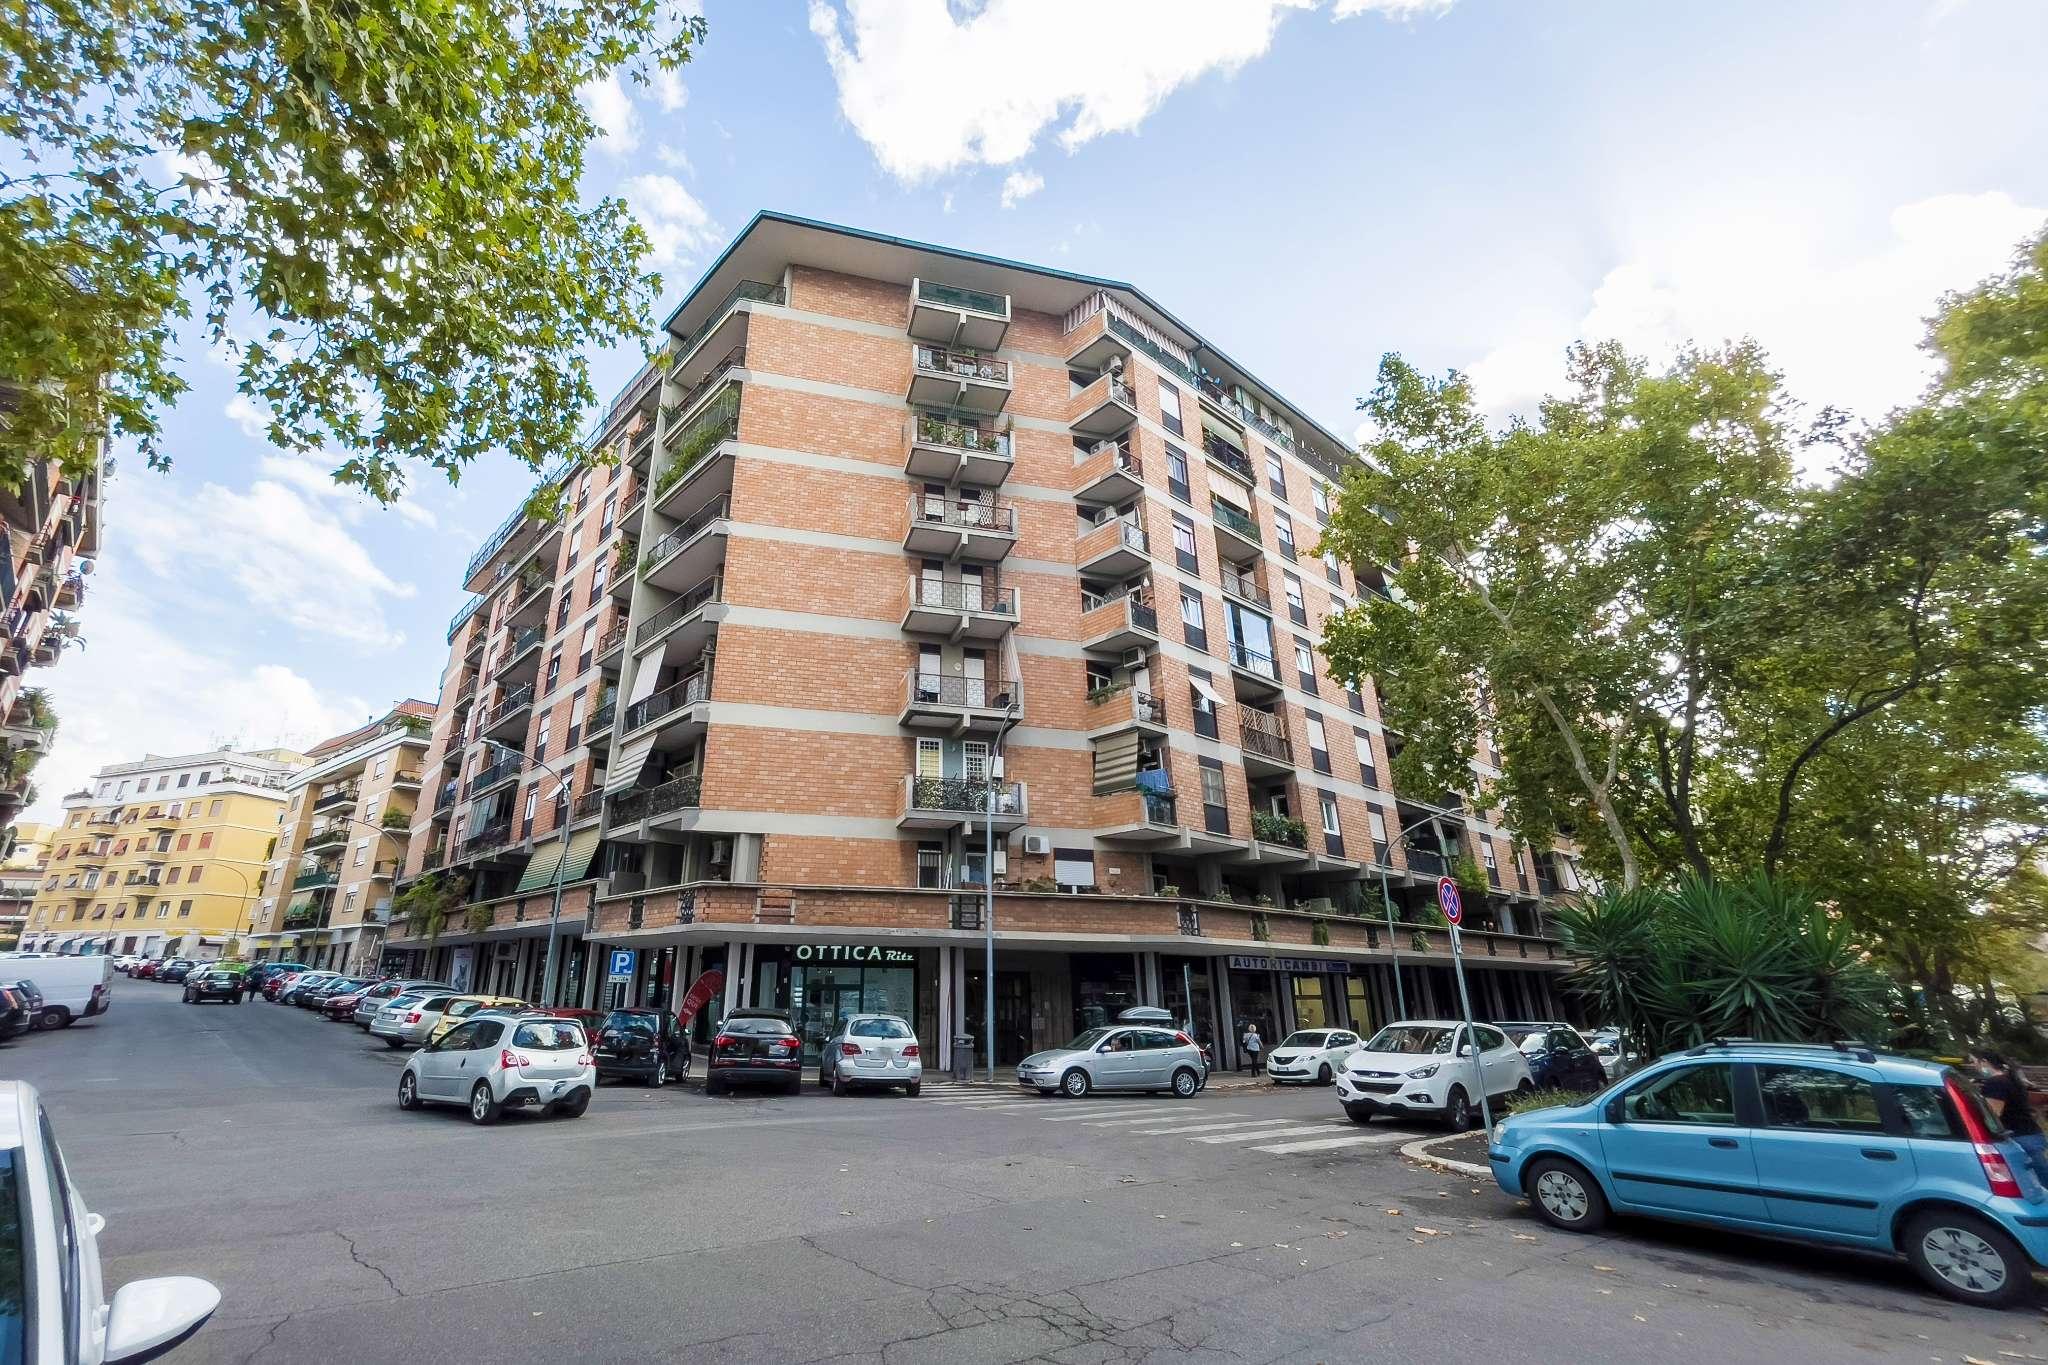 Appartamento in vendita a Roma, 3 locali, zona Zona: 16 . Appia nuova - Alberone - Colli Albani, prezzo € 338.000 | CambioCasa.it